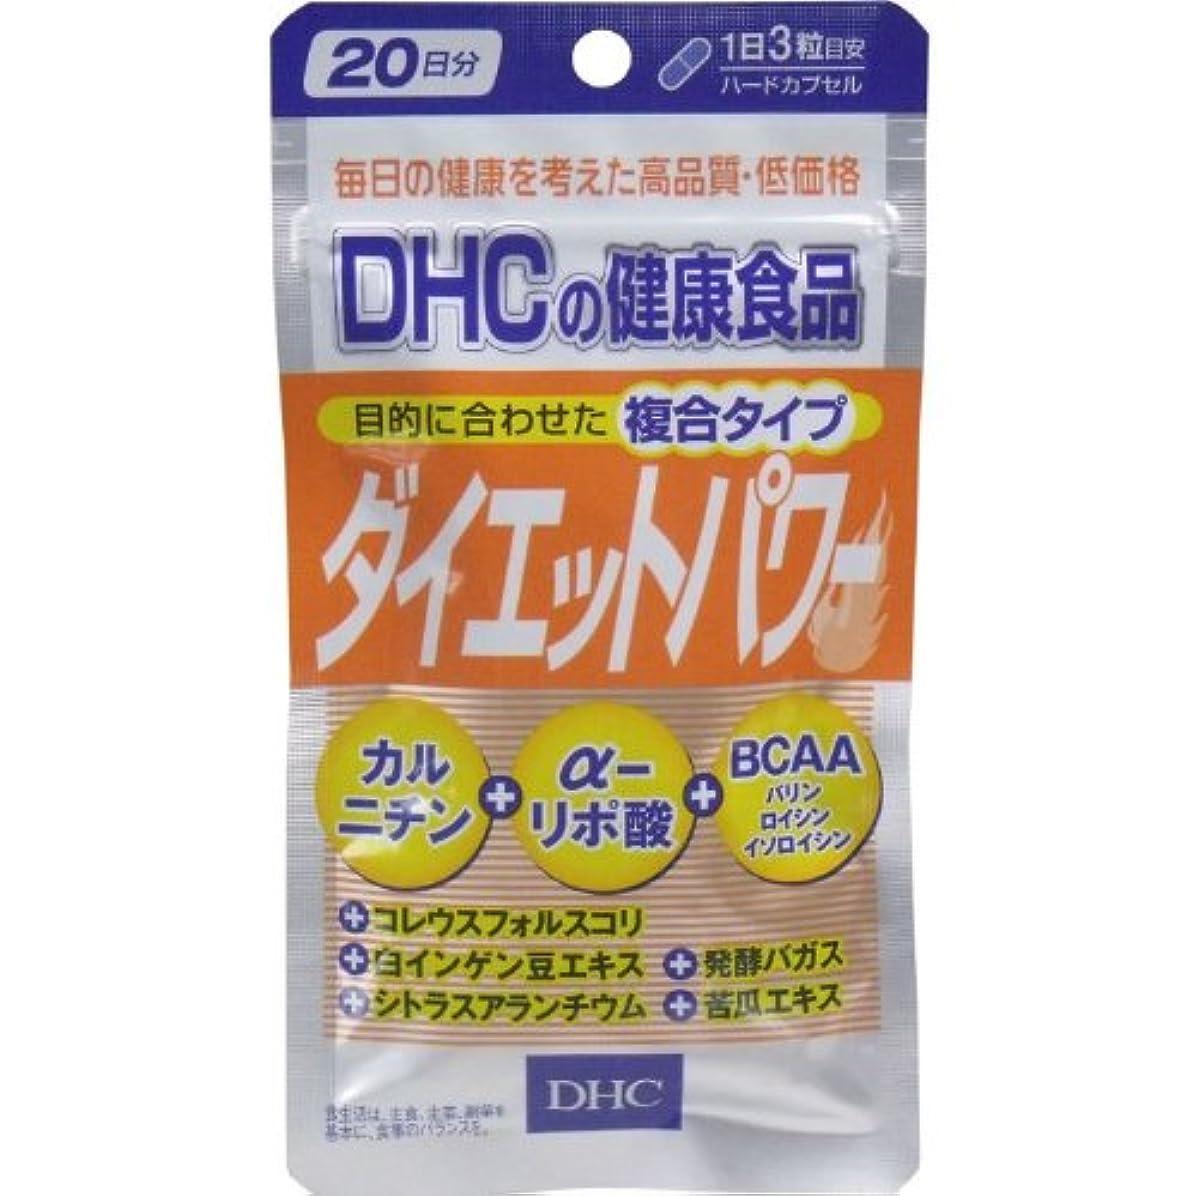 嫌がらせその他ライターDHC ダイエットパワー 60粒入 20日分【4個セット】